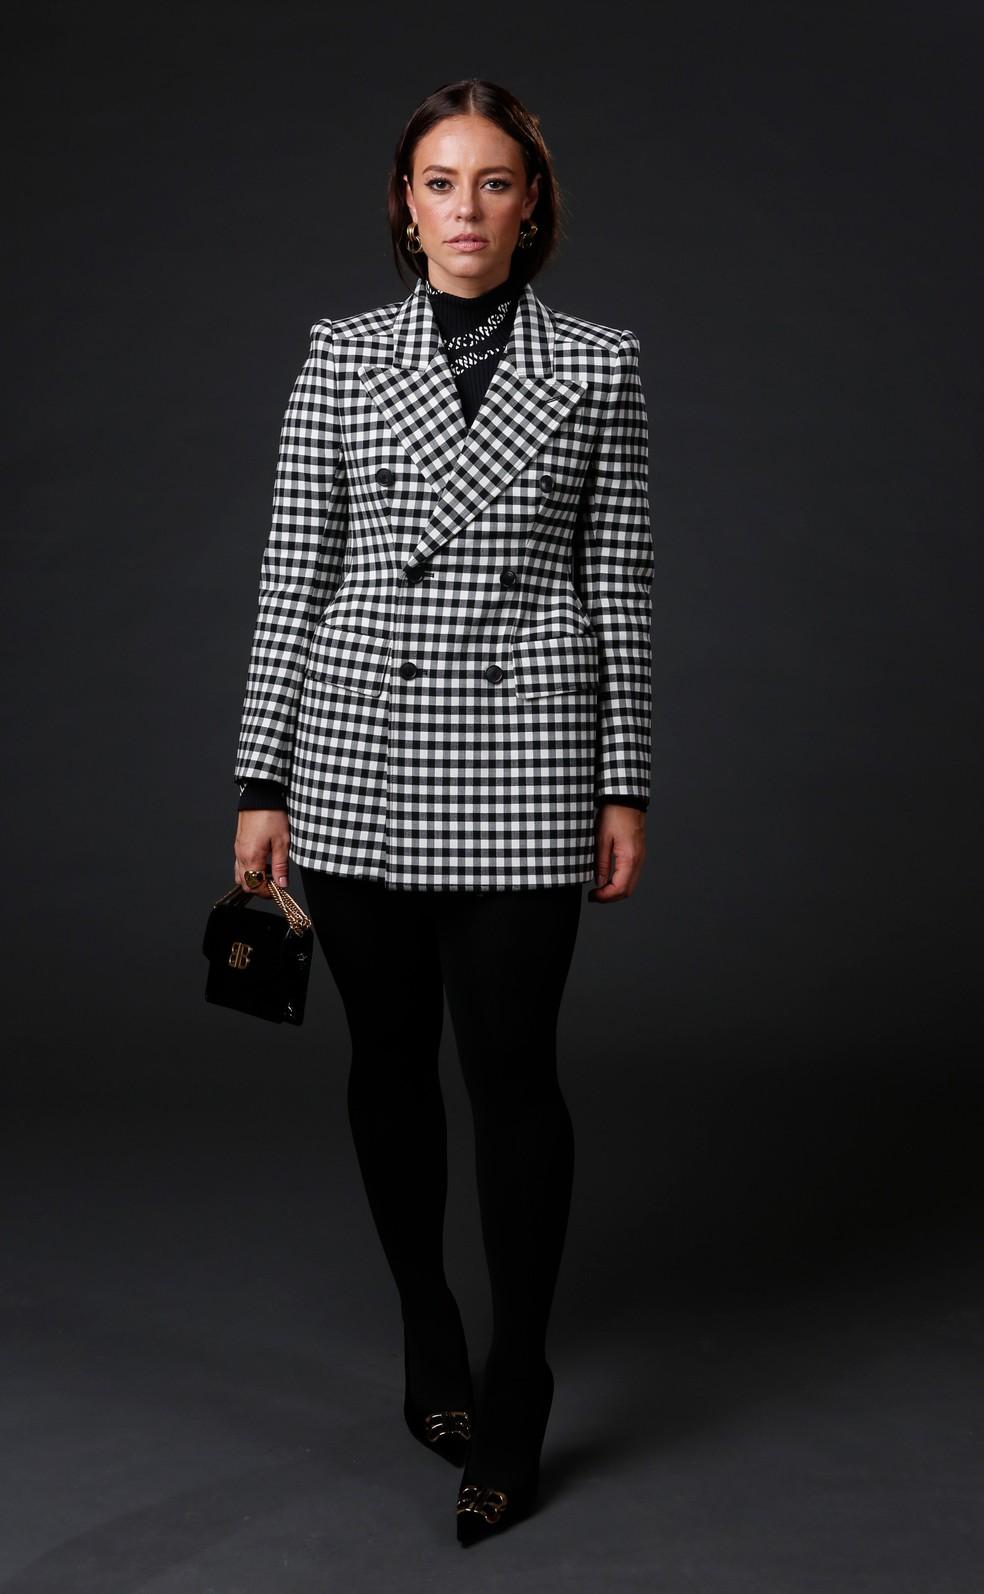 Tendência em 2019, Paolla Oliveira investiu em look xadrez nas cores preto e branco — Foto: Fabiano Battaglin/Gshow